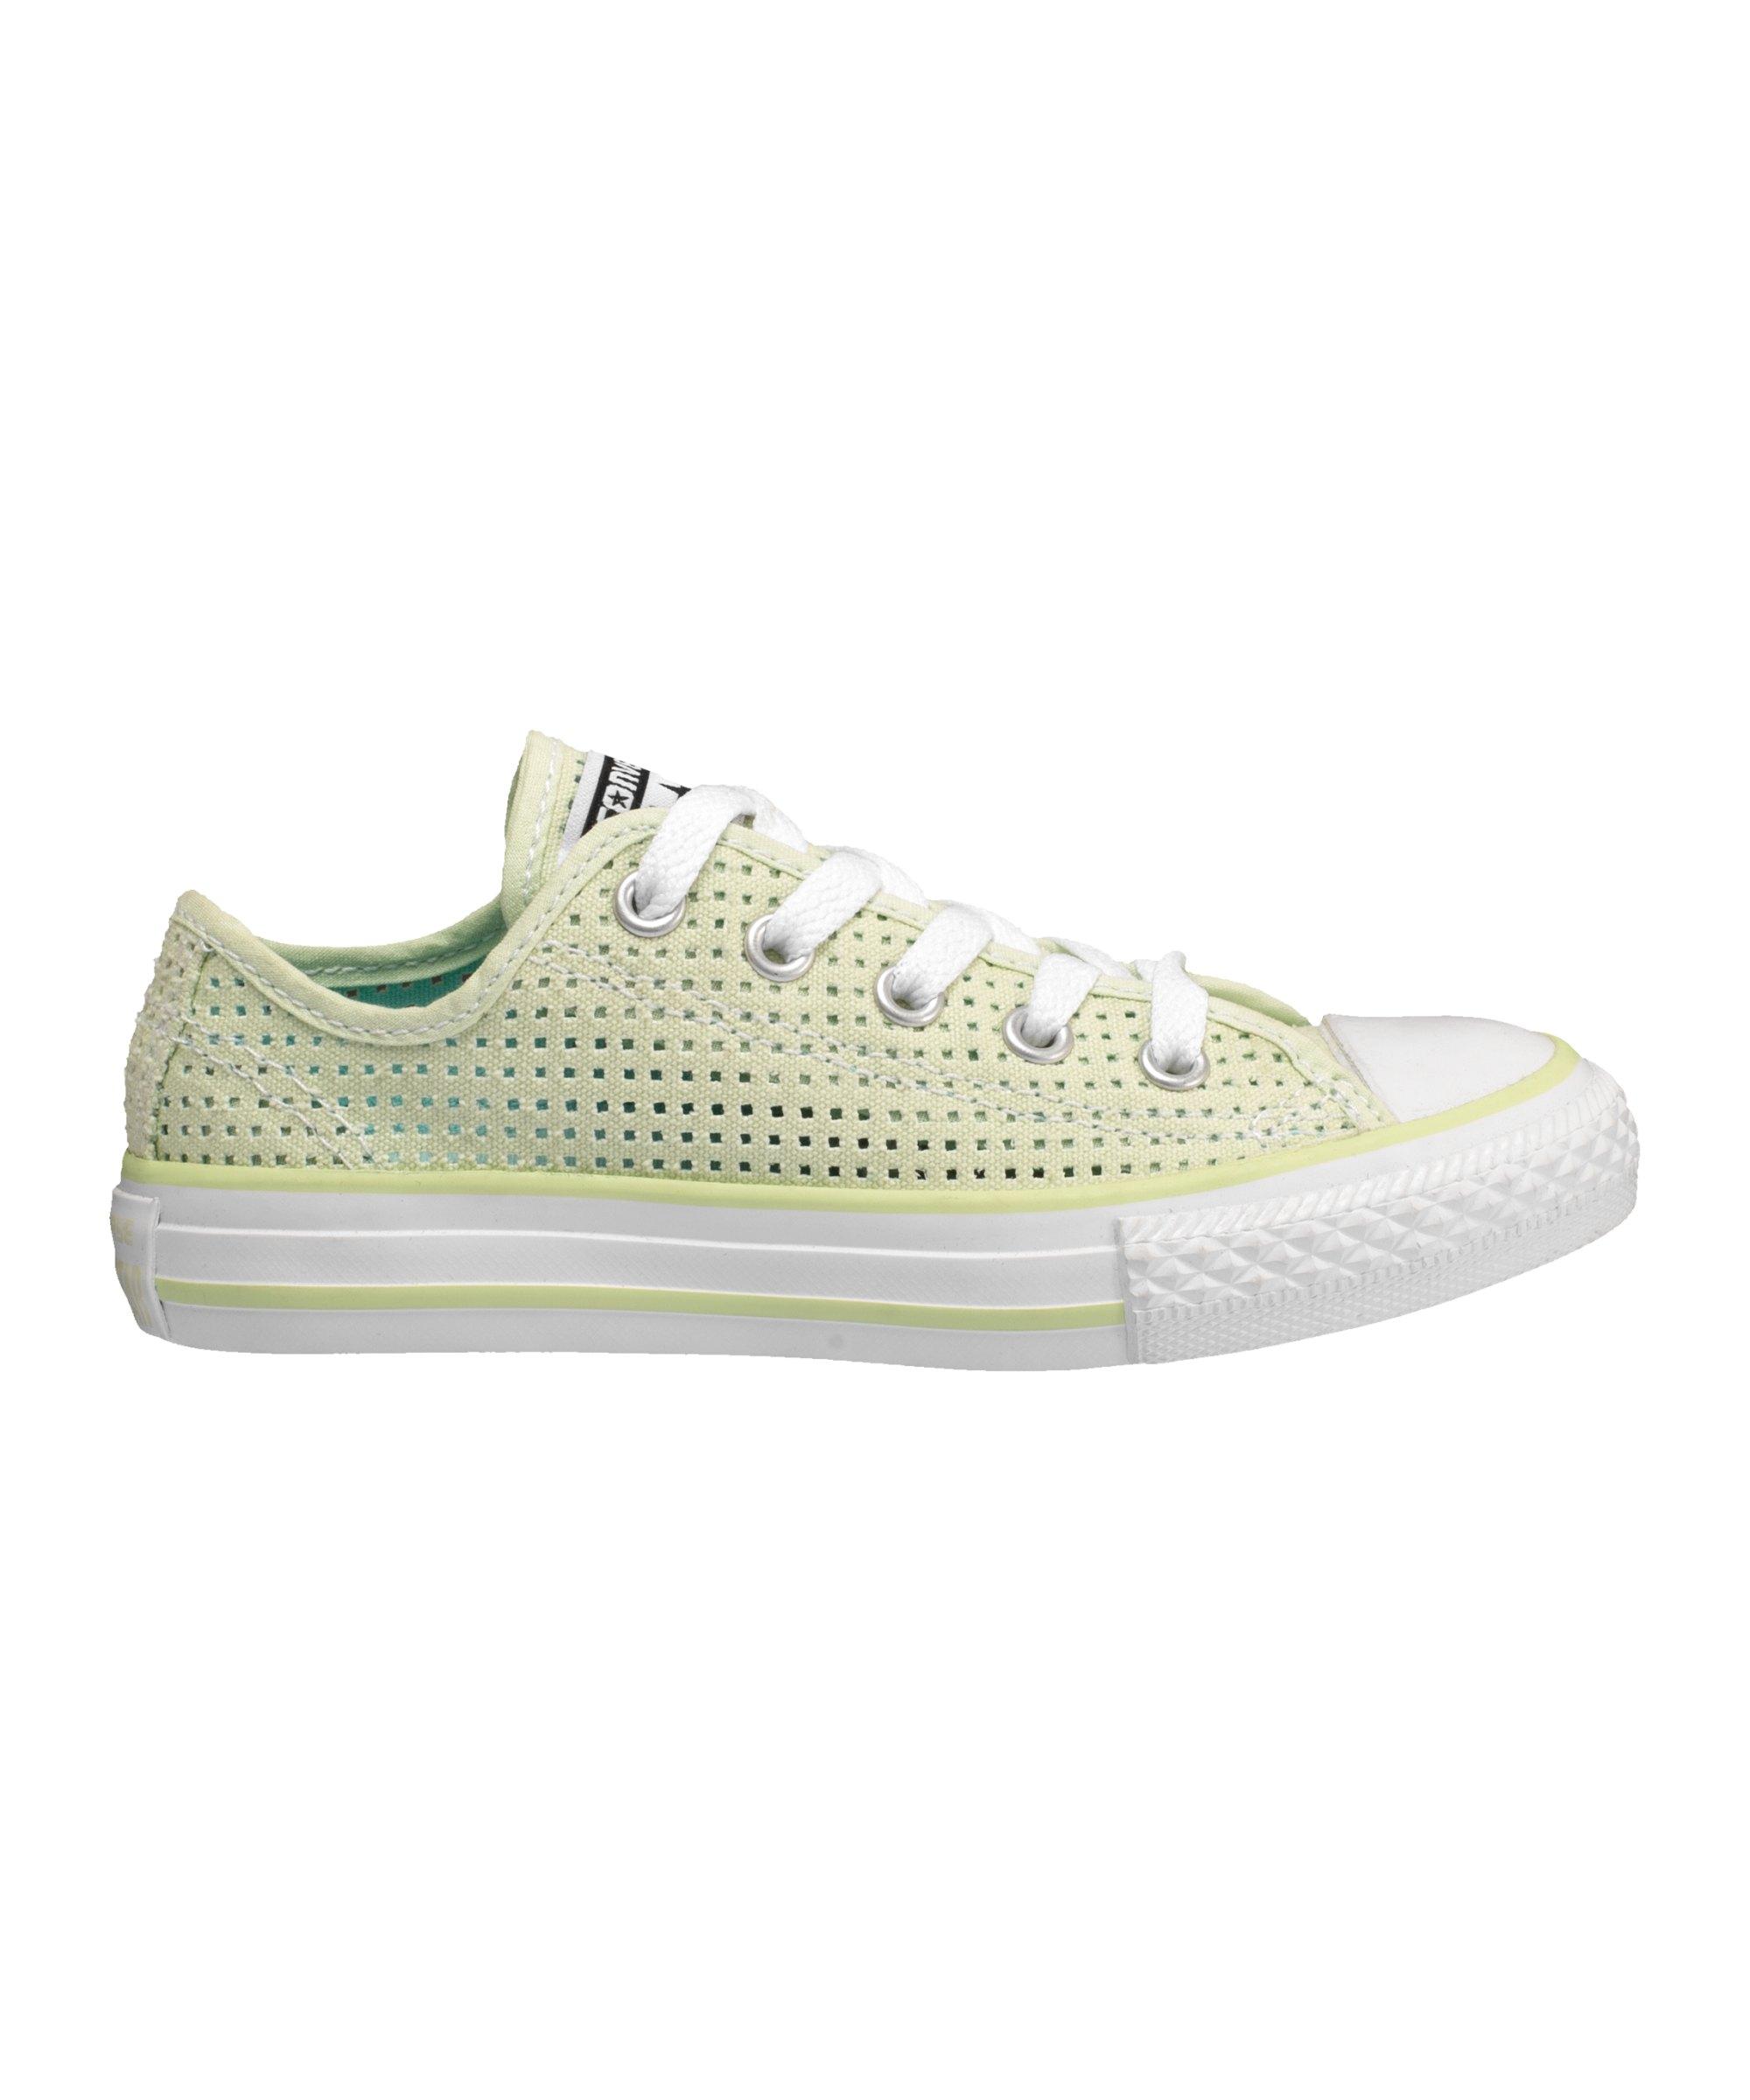 Converse Chuck Taylor AS OX Sneaker Kids Grün - Gruen